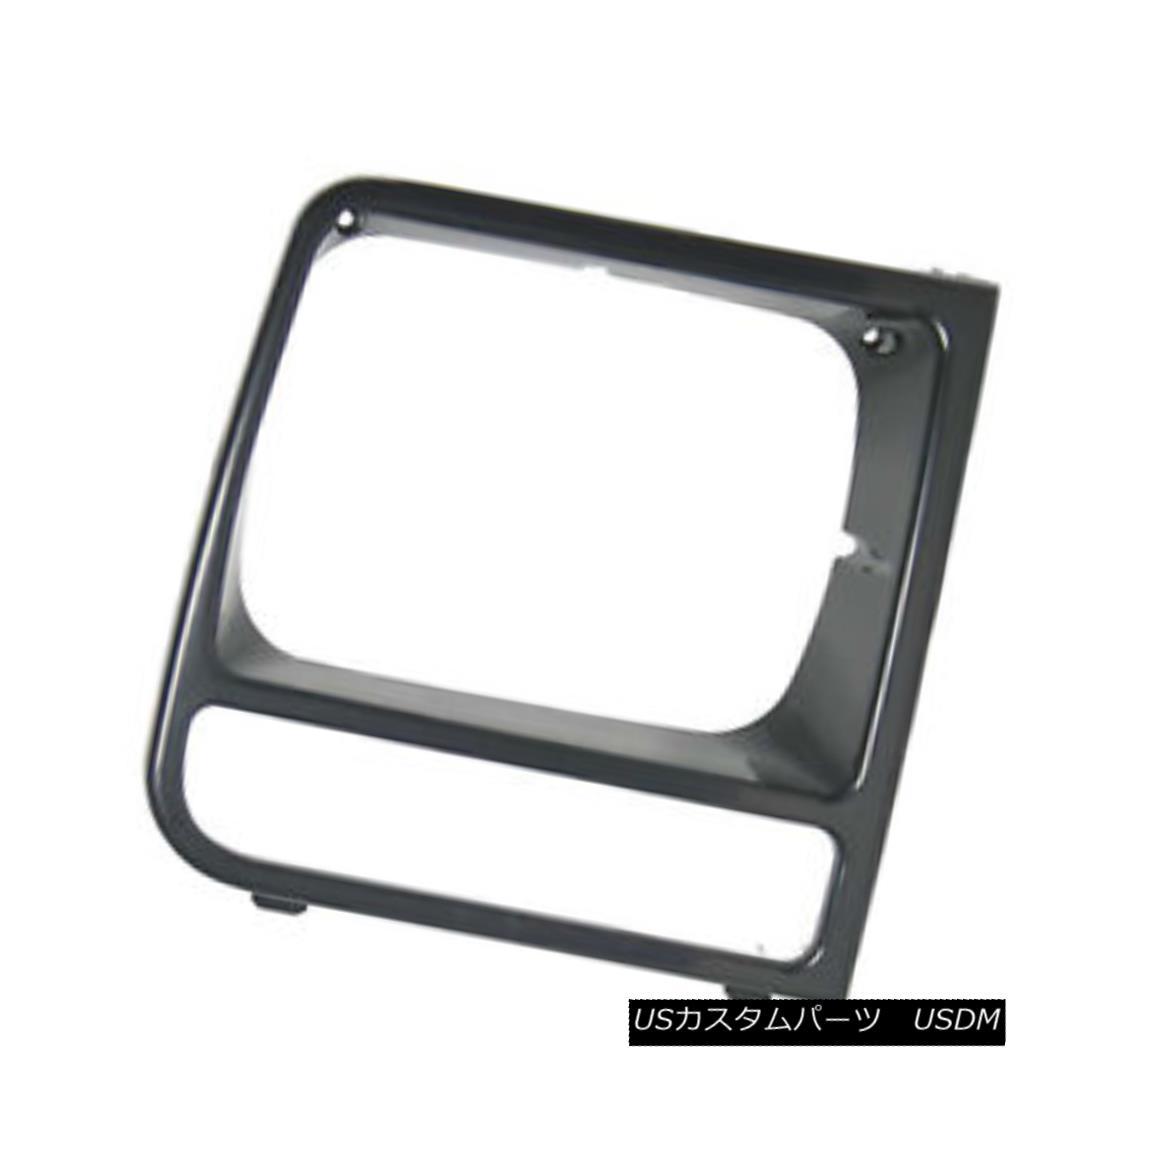 グリル New Headlight Door Gloss Black Passenger Side for Limited / Classic 630-00974R 限定された/クラシックの新しいヘッドライトドアグロスブラック乗客側630-00974R